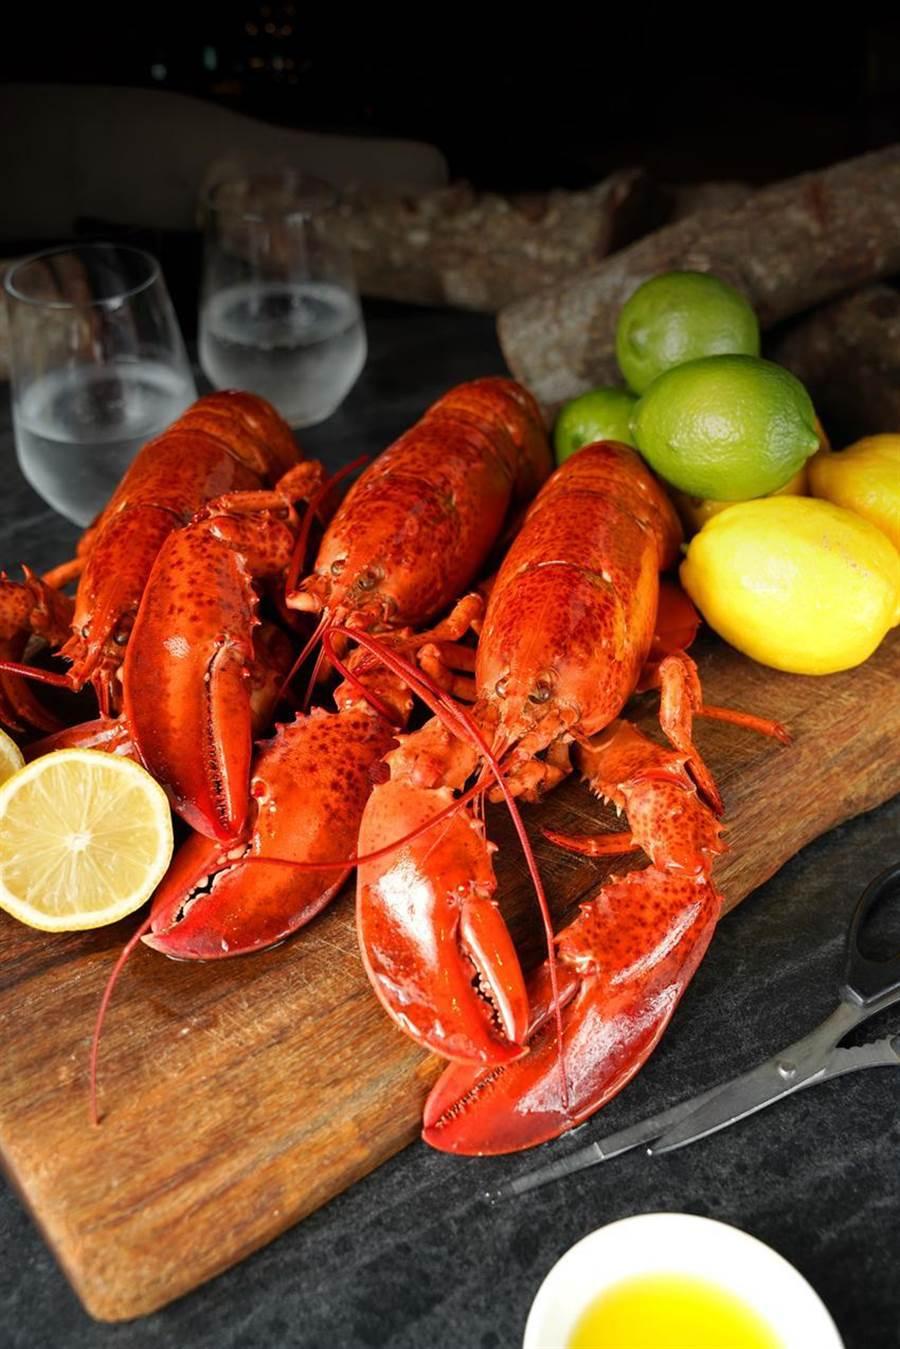 台北君品酒店拚暑假國旅與餐飲商機,加拿大龍蝦分享餐重磅回歸。(圖/台北君品酒店)